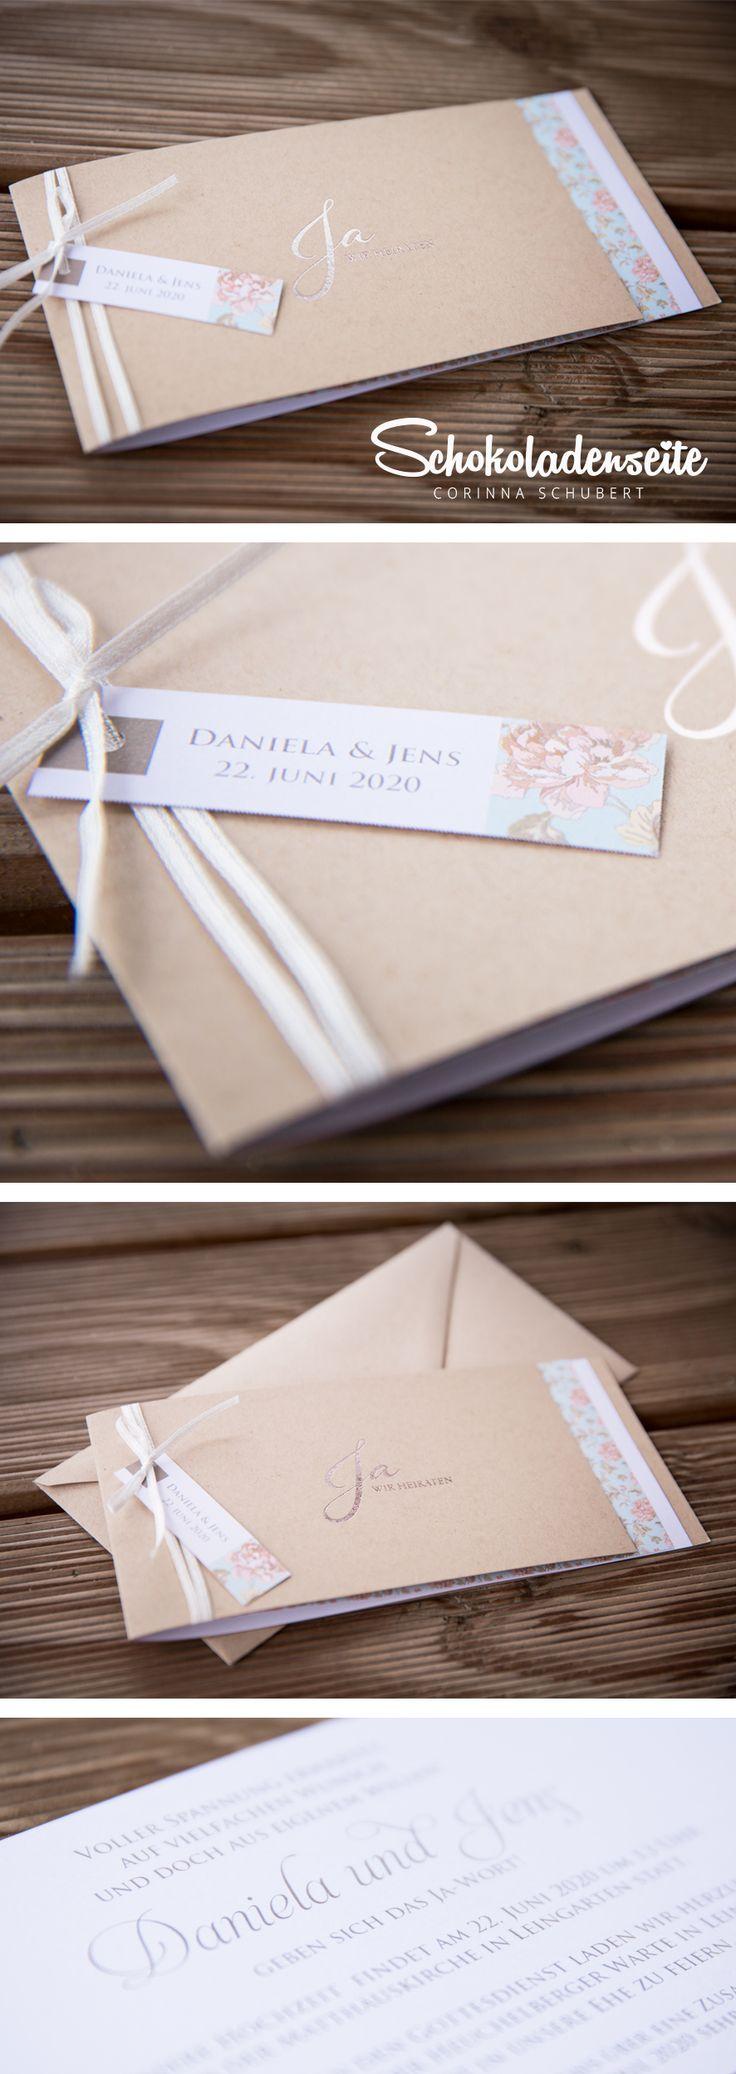 """Hallo Ihr Mäuse, hier habe ich noch eine unserer wunderschönen Hochzeitseinladungen mit hellem Kraftkarton. <3 Der Einleger ist mit einem verspielten Blumenmuster geziert. Zusamen mit dem Schleifchen, und dem kleinen Anhänger ist diese Karte ein echter Hingucker. <3 Die Silberfolienprägung """"Ja WIR HEIRATEN!"""" ist hierbei das Tüpfelchen auf dem i. <3  #Schokoladenseitekarten #love #wedding #vintage #beautiful #invitation #hochzeitseinladung #hochzeit #weddinginvitation #silver"""